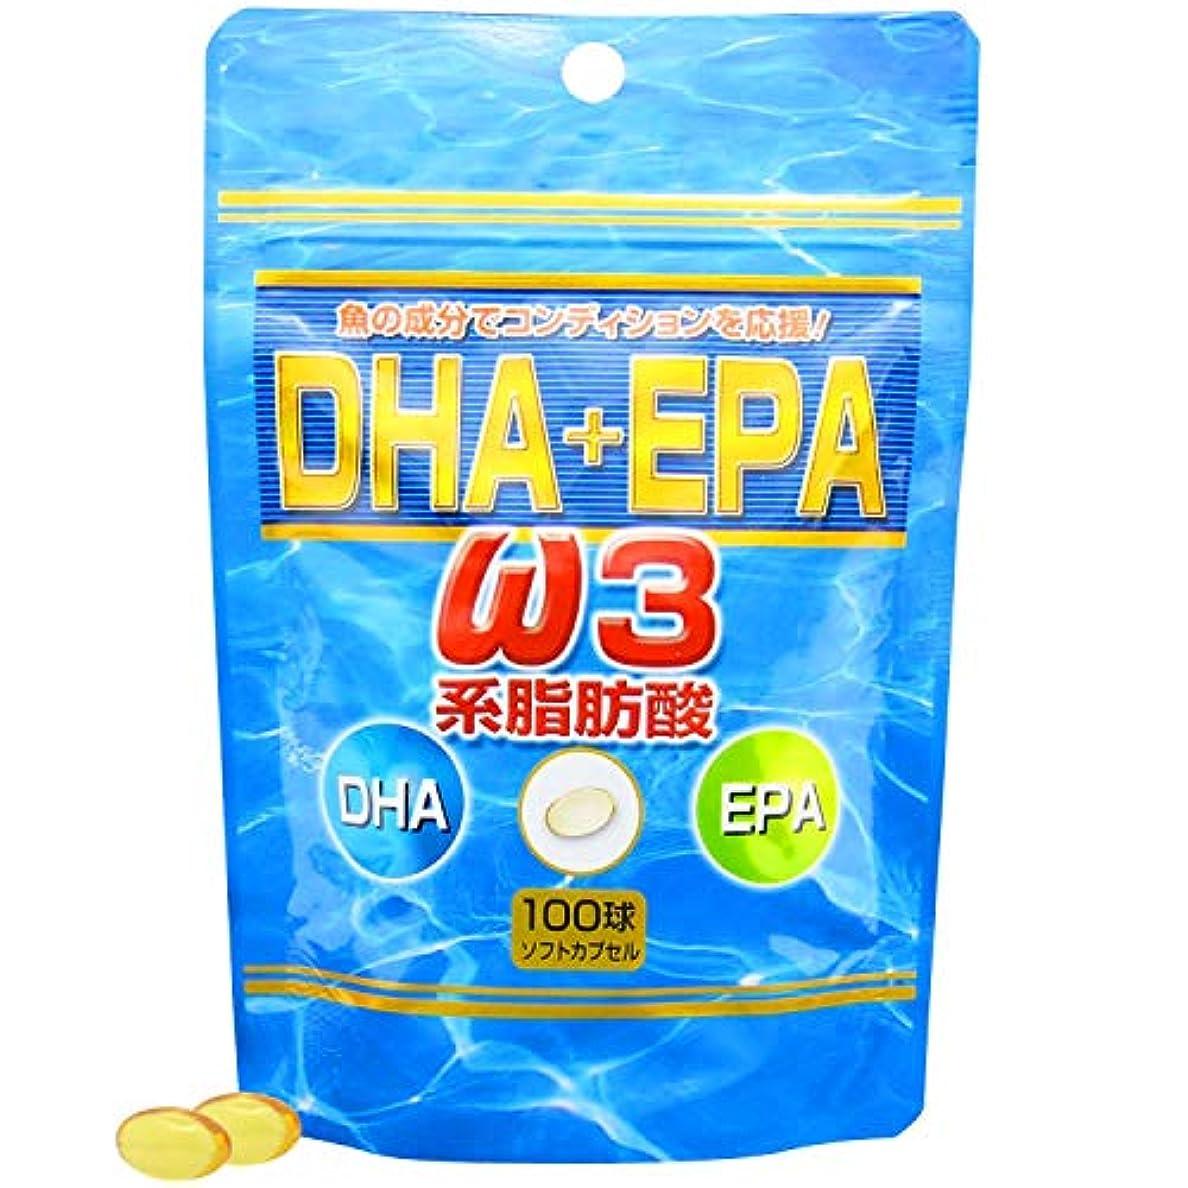 そっとタイトルあいにくユウキ製薬 SP DHA+EPA 20-33日分 100球